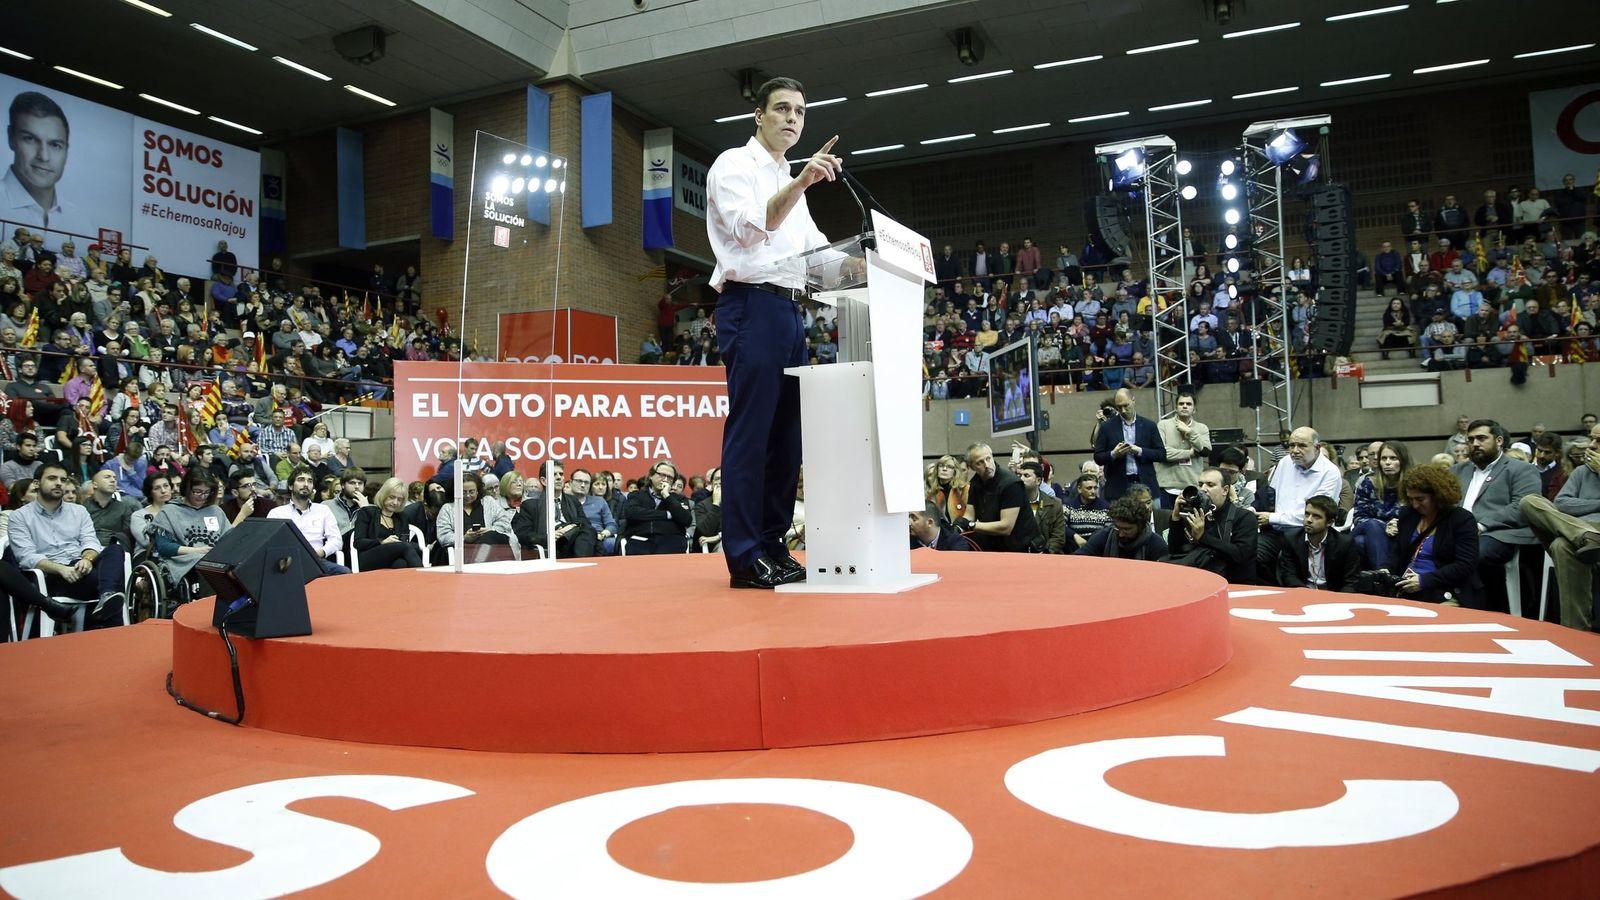 Foto: El líder del PSOE, Pedro Sánchez, durante un mitin. (EFE)